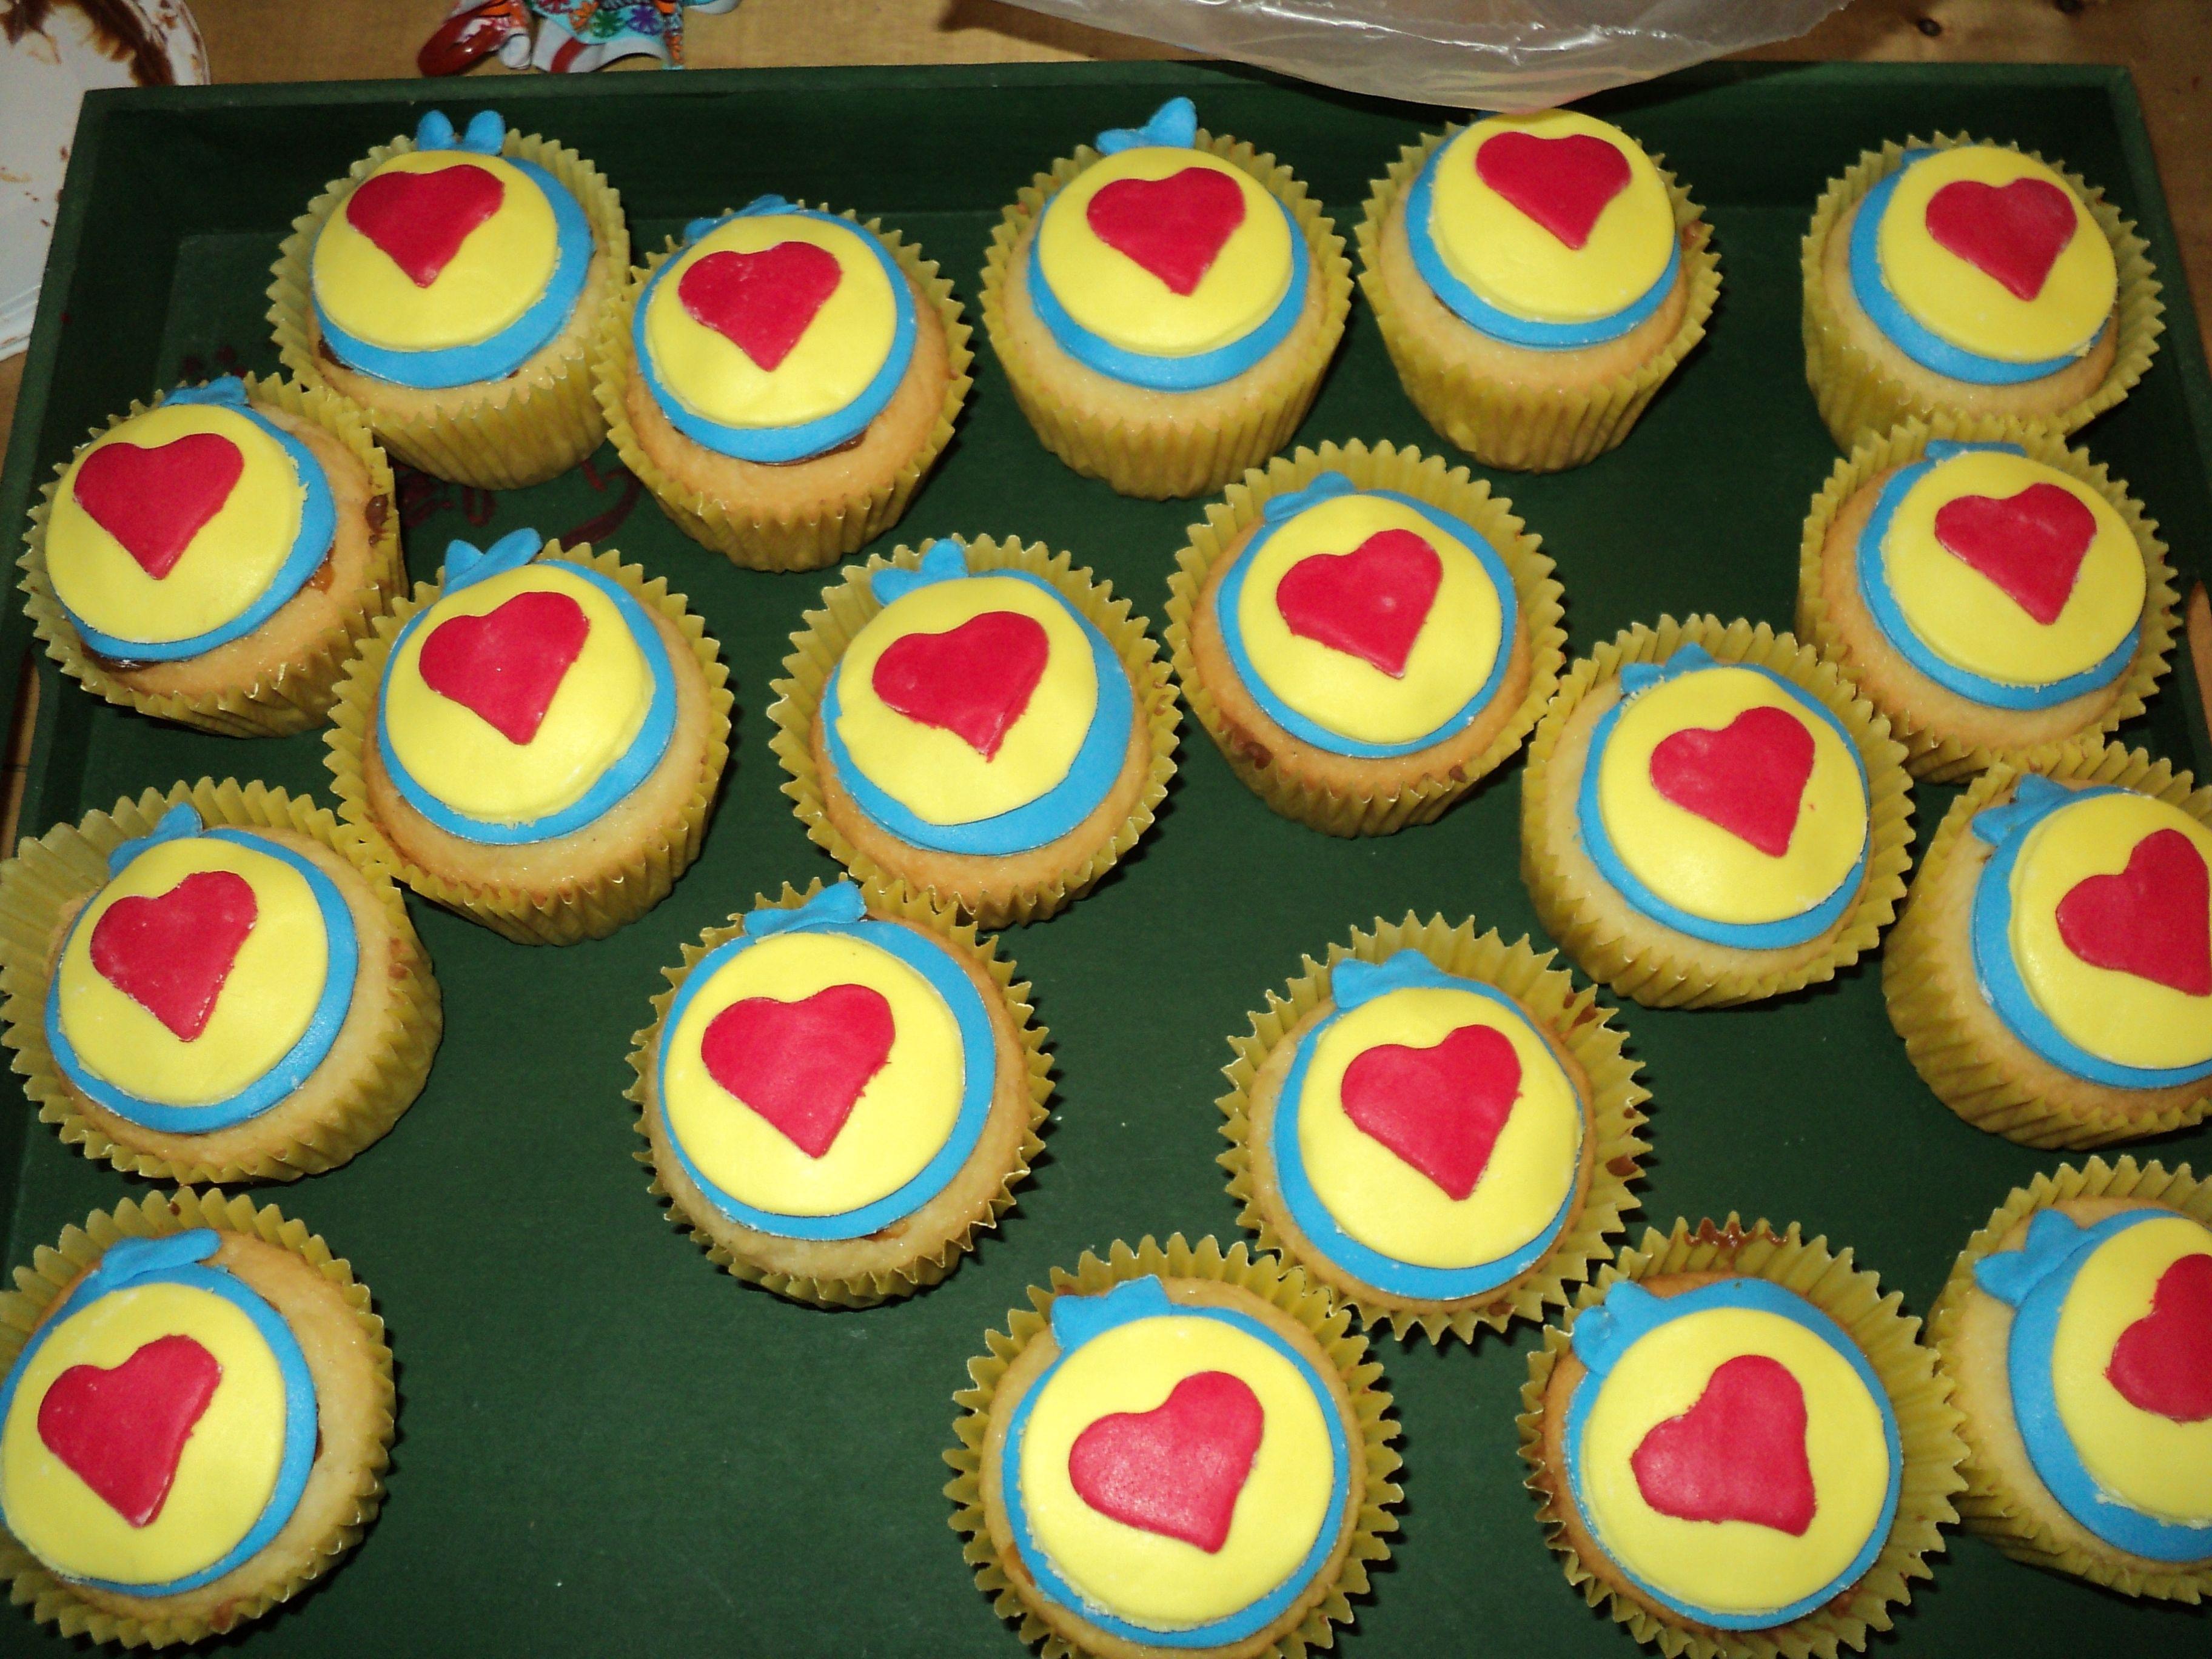 cupcakes con el logo de Plim Plim